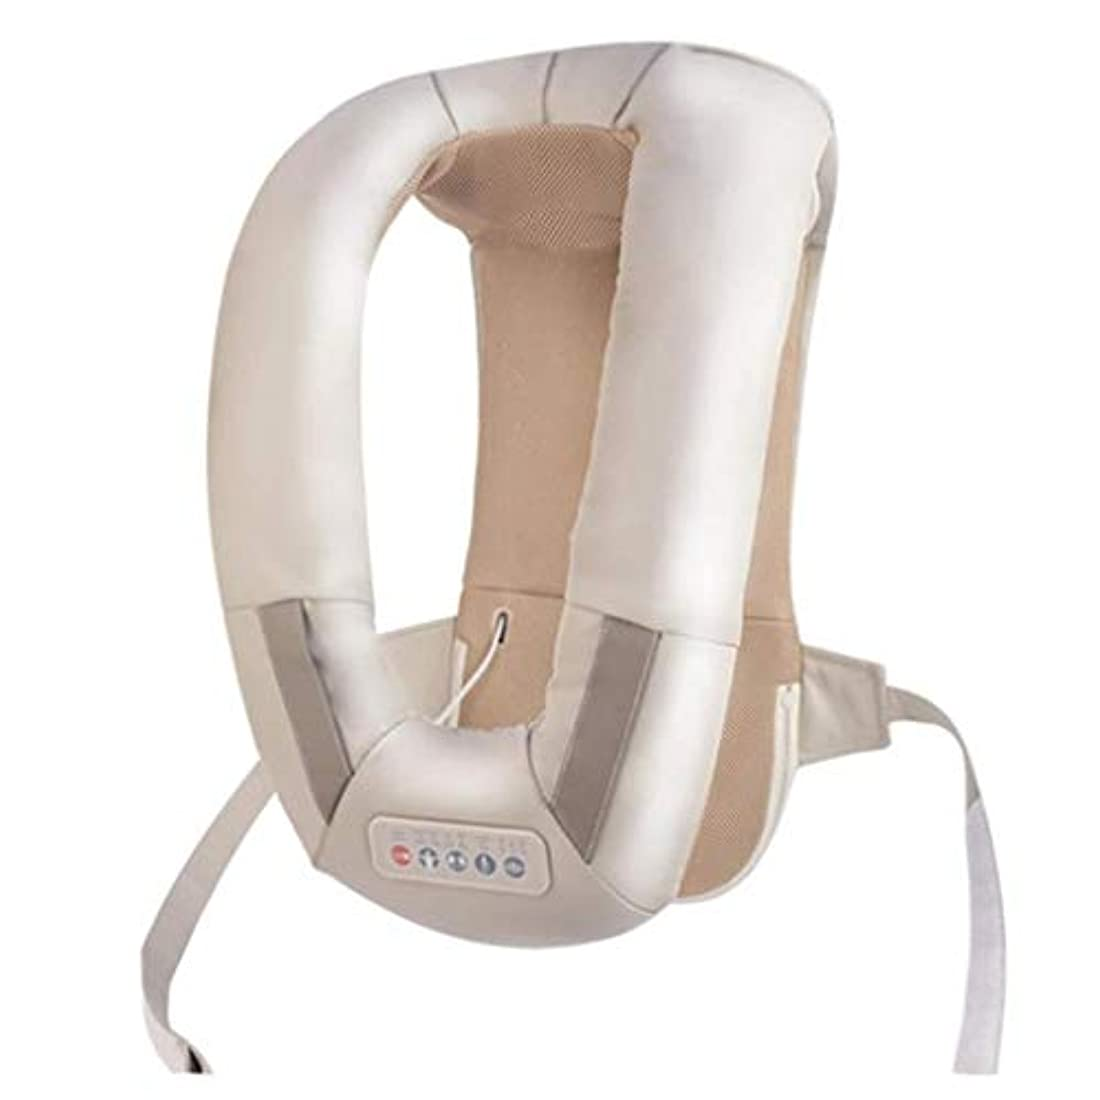 プレゼン頻繁に飼い慣らす首の背中のマッサージ、肩/首の加熱/温かいマッサージ機器、血液循環を促進し、筋肉の圧力を緩和し、痛みを和らげ、オフィス/ホーム